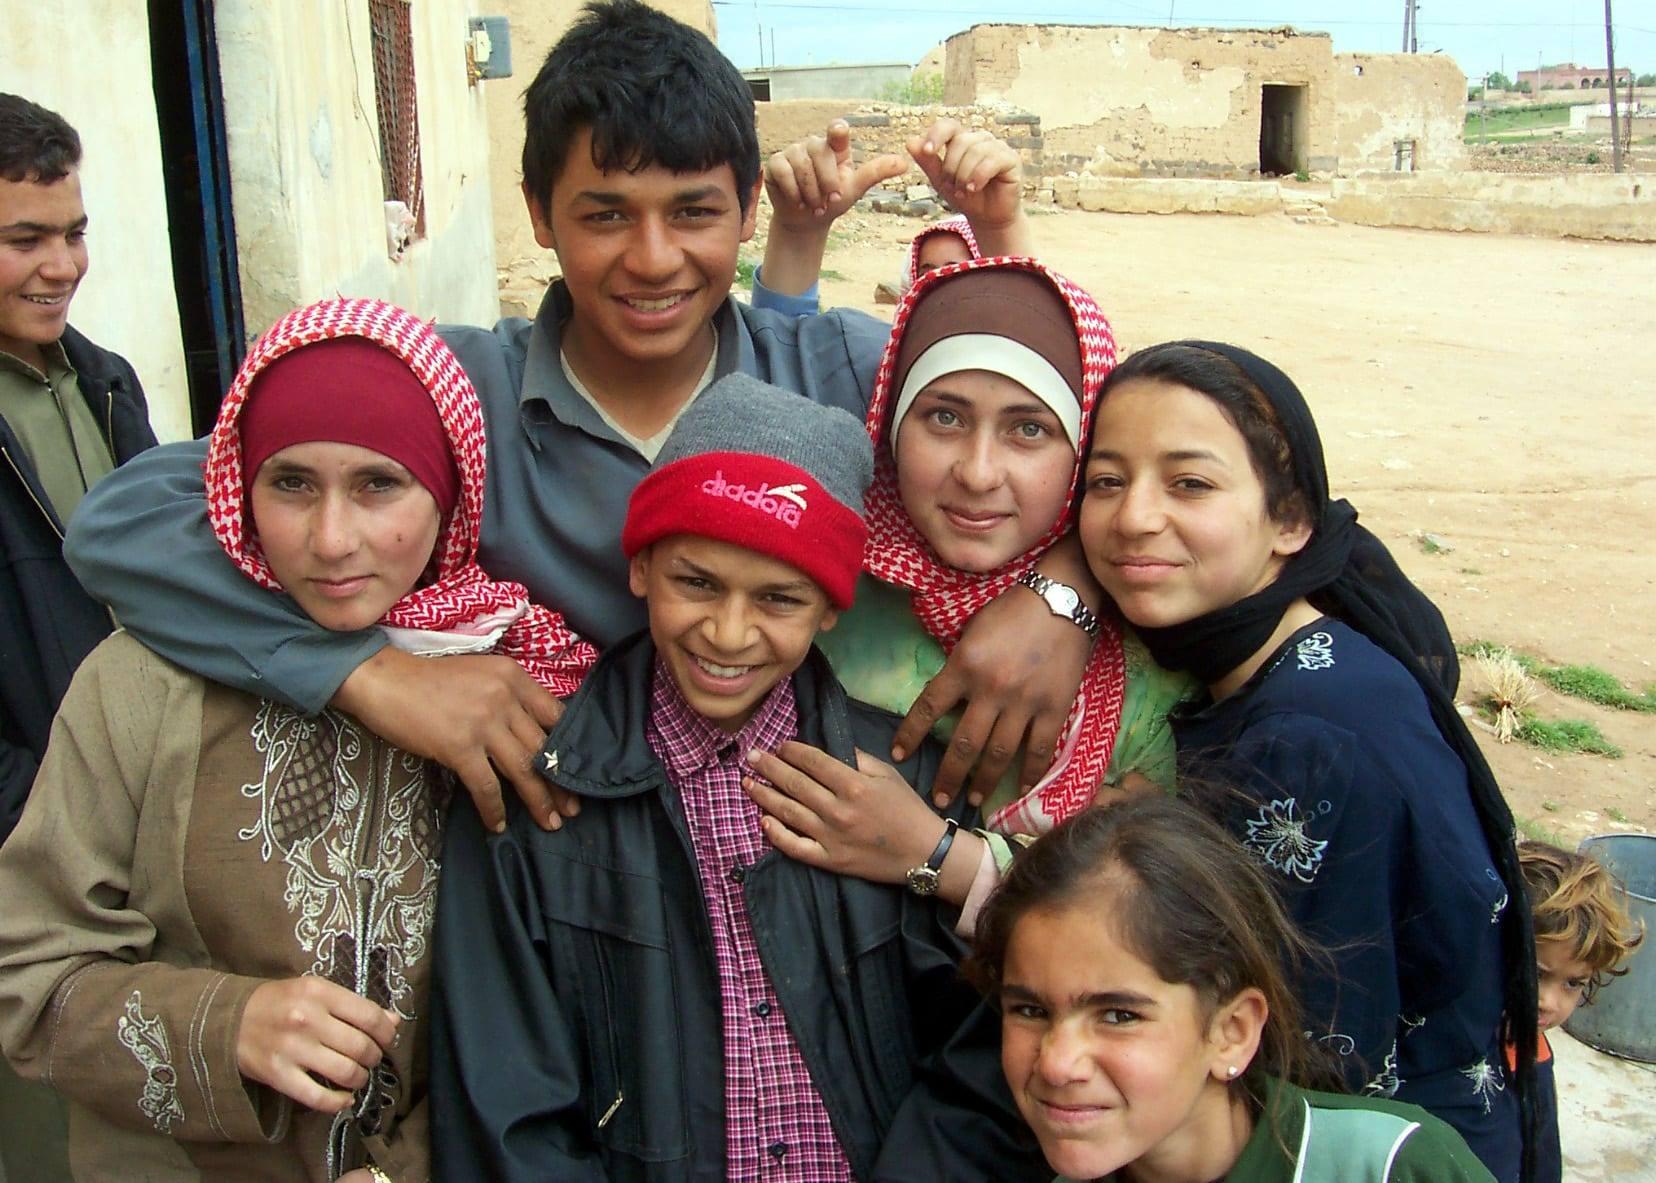 Členové Svobodných: Nechceme se podílet na neférové kampani pro přijetí padesáti syrských dětí